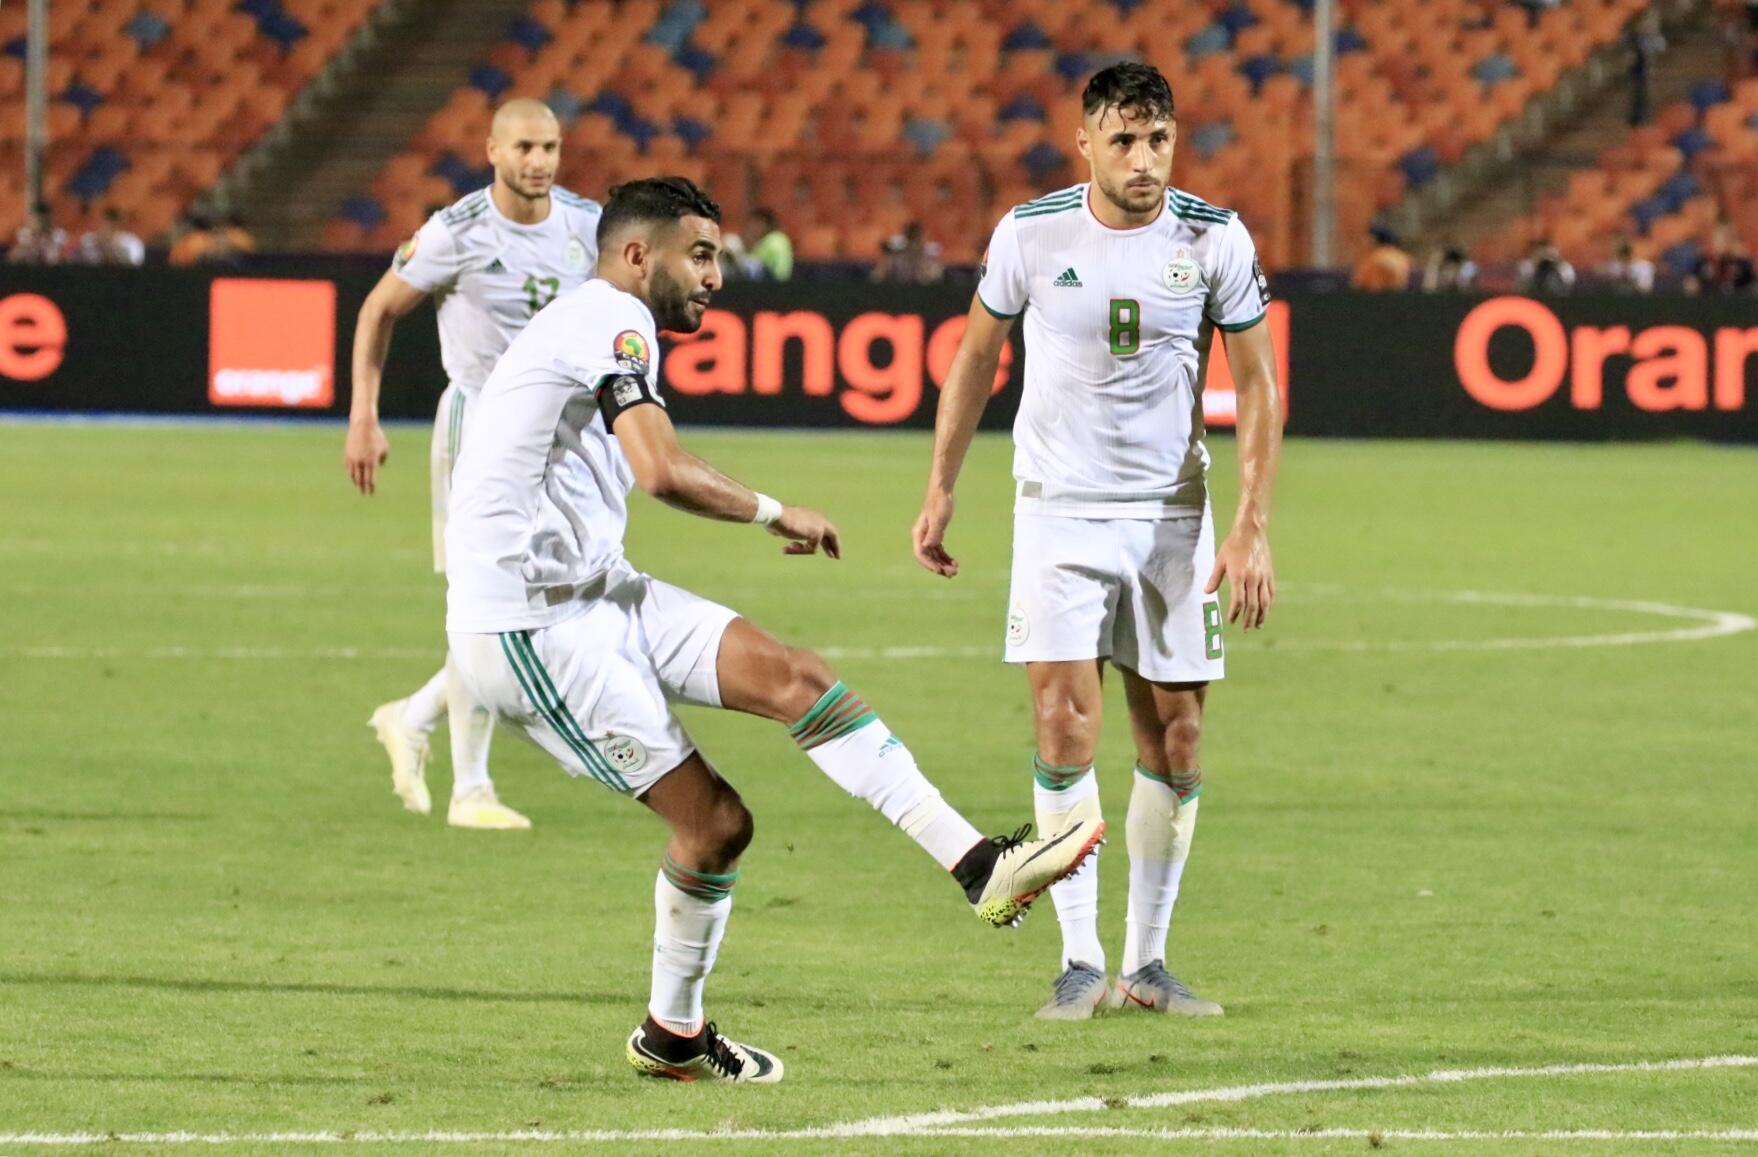 Riyad Mahrez yayin jefa kwallo ta biyu a ragar Najeriya, a wasan kusa da na karshen gasar cin kofin Afrika da aka tashi 2-1.